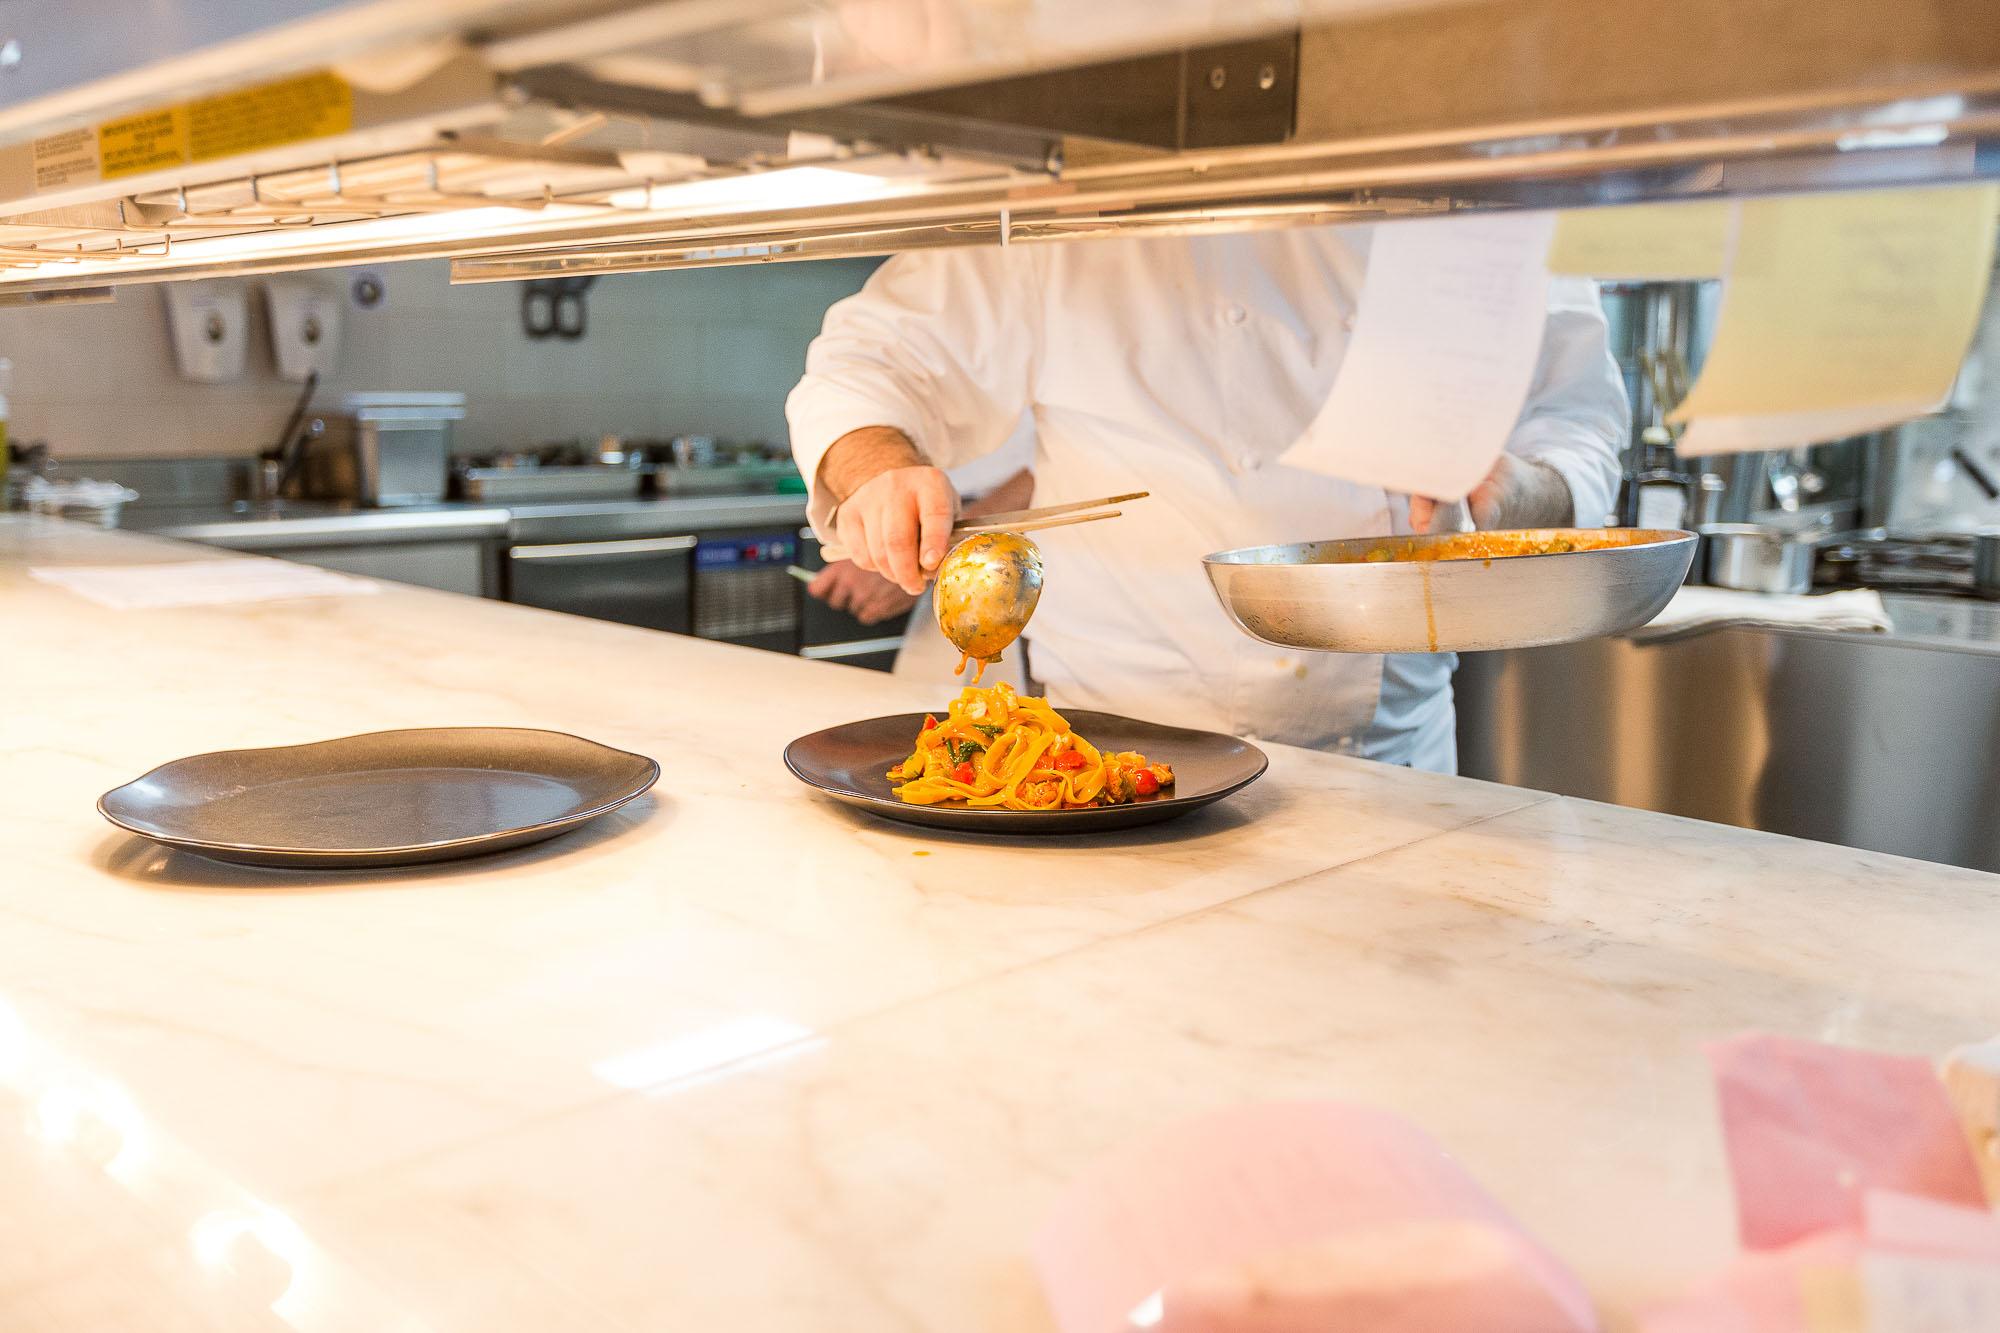 italia_kitchen_robertos_abu_dhabi_04